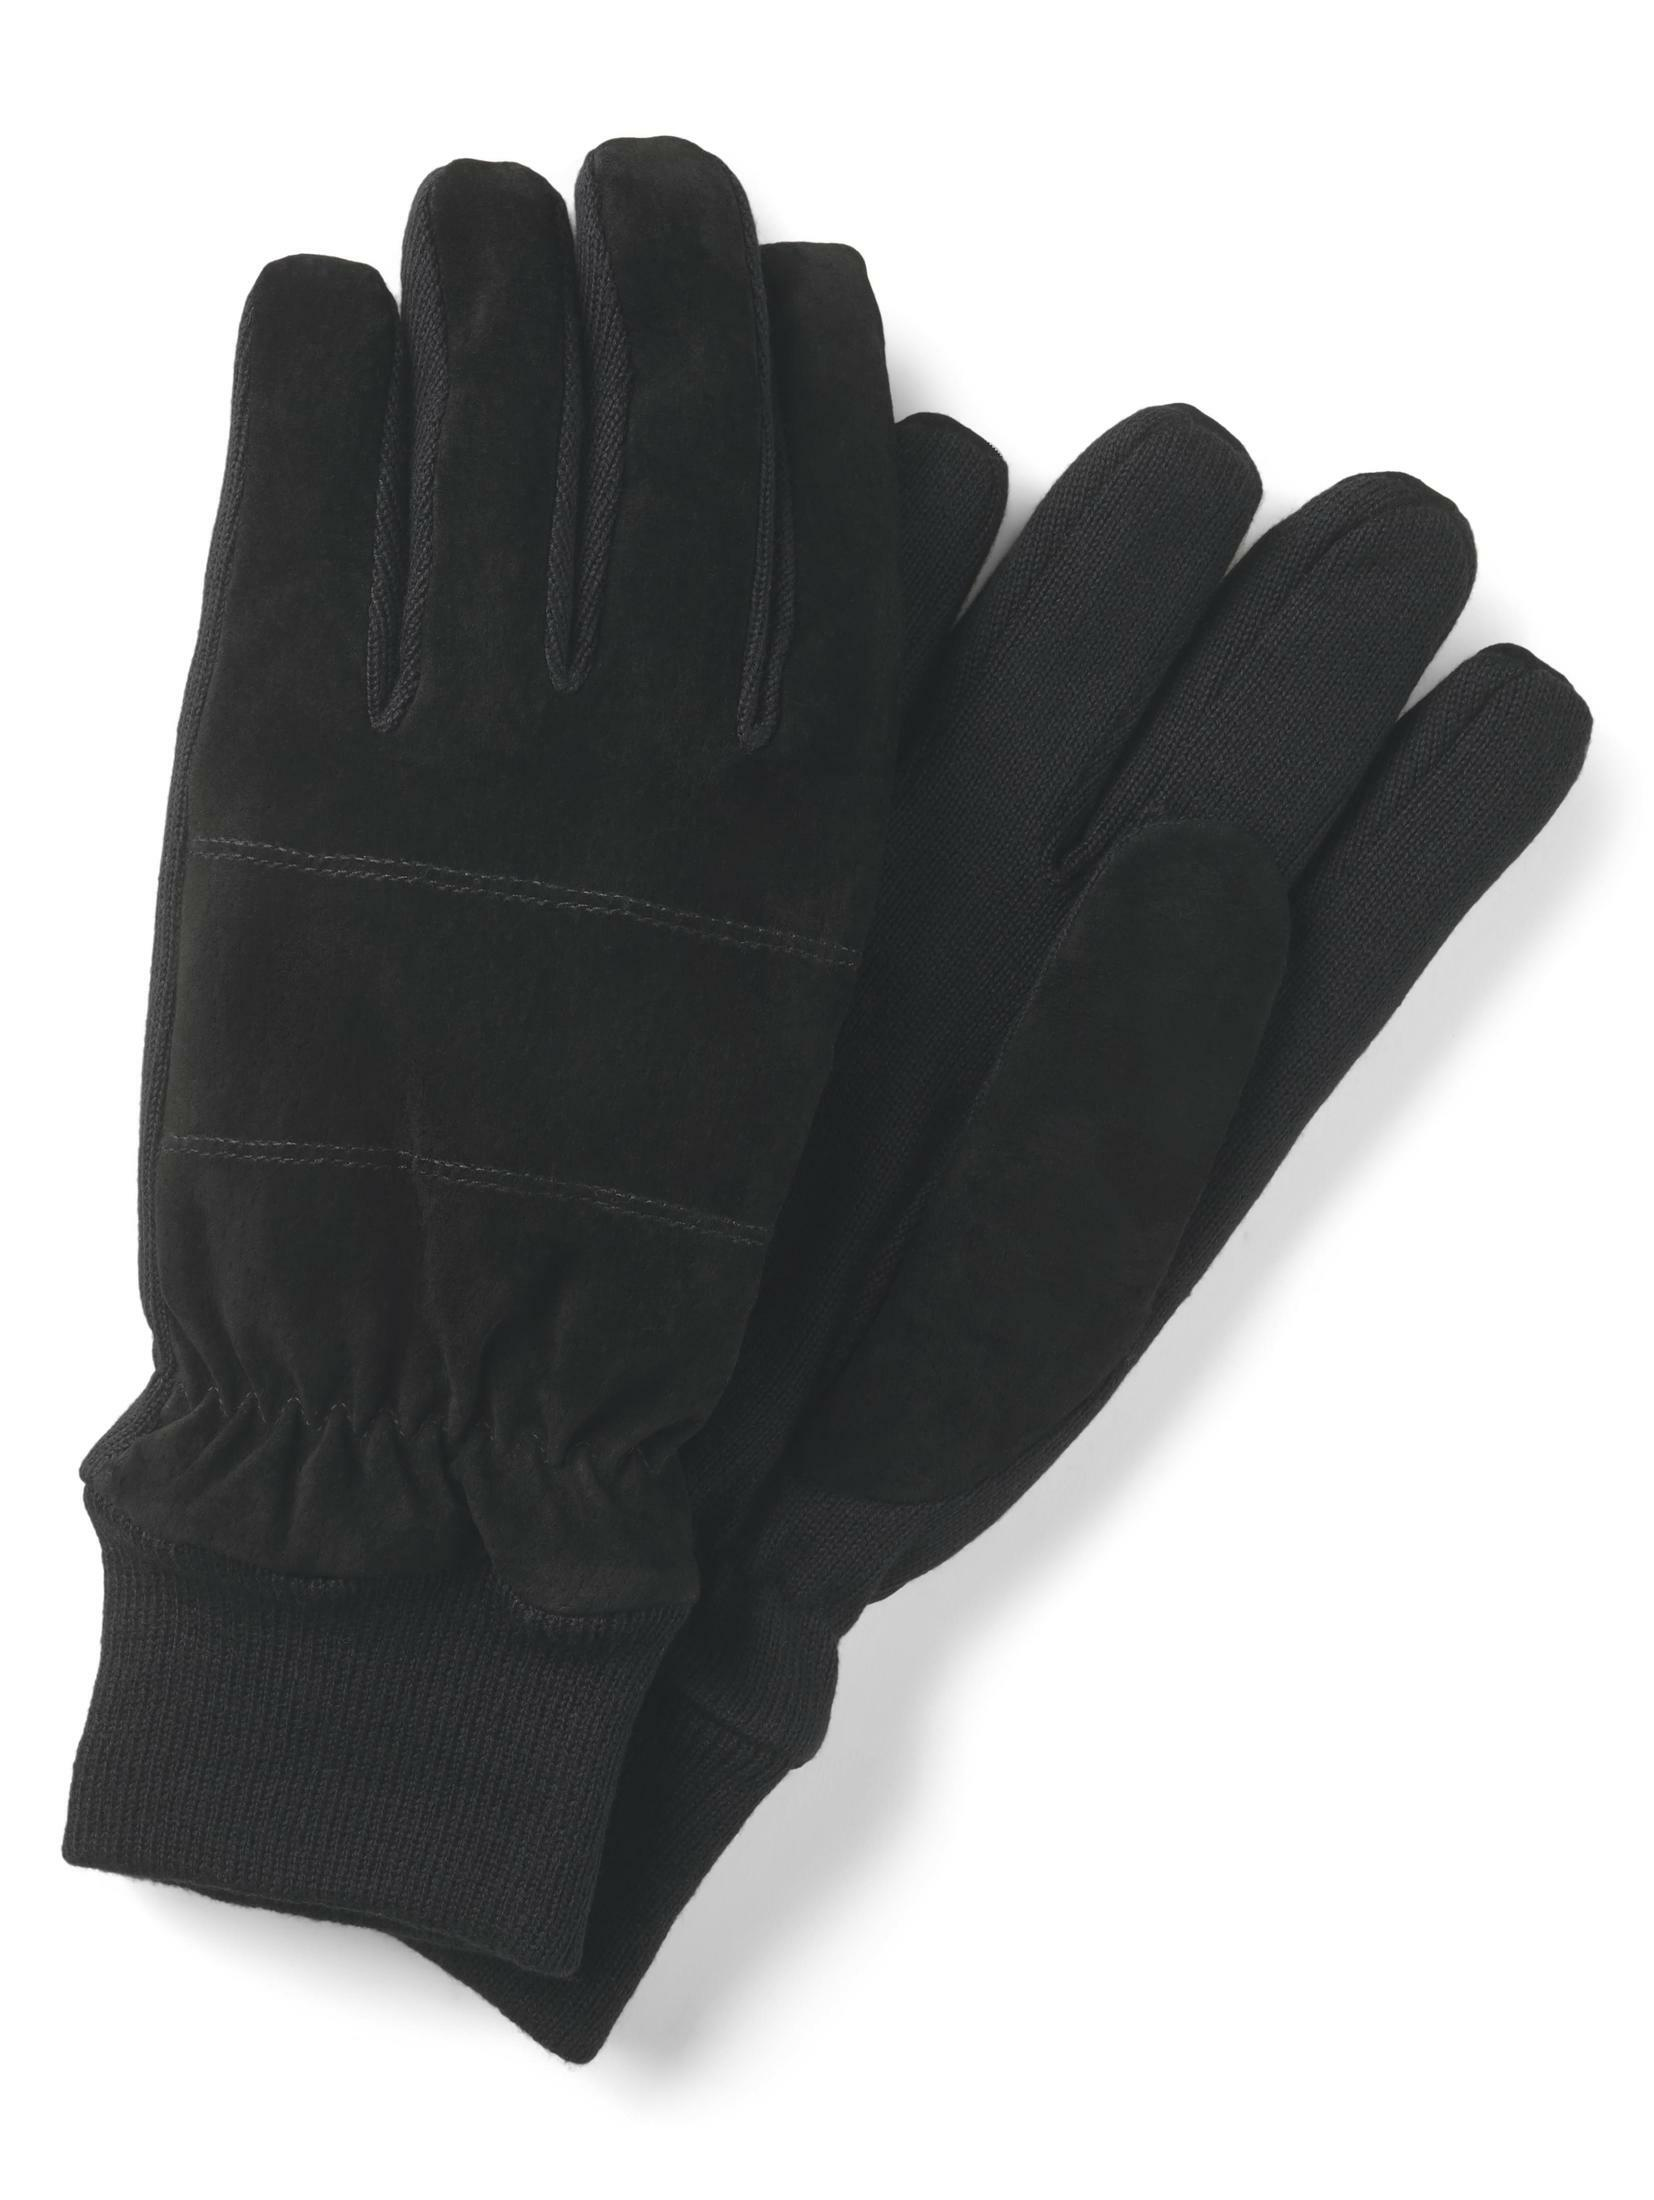 TOM TAILOR Baumwollhandschuhe Handschuhe mit Rippblenden | Accessoires > Handschuhe > Wollhandschuhe | Tom Tailor